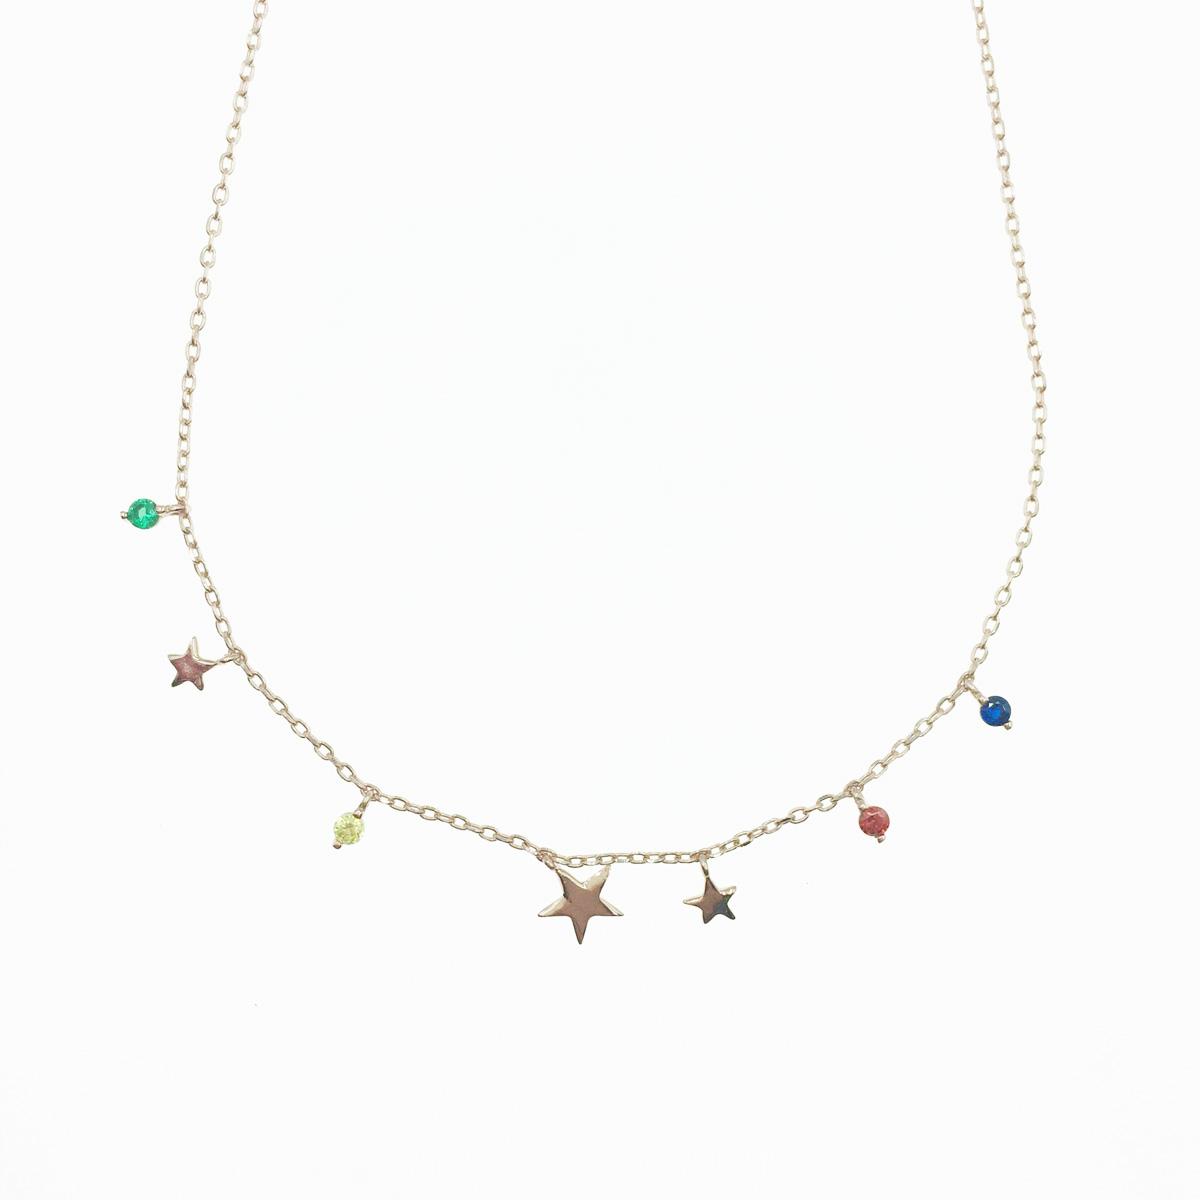 韓國 925純銀 星星 水鑽 玫瑰金 垂墜感 項鍊